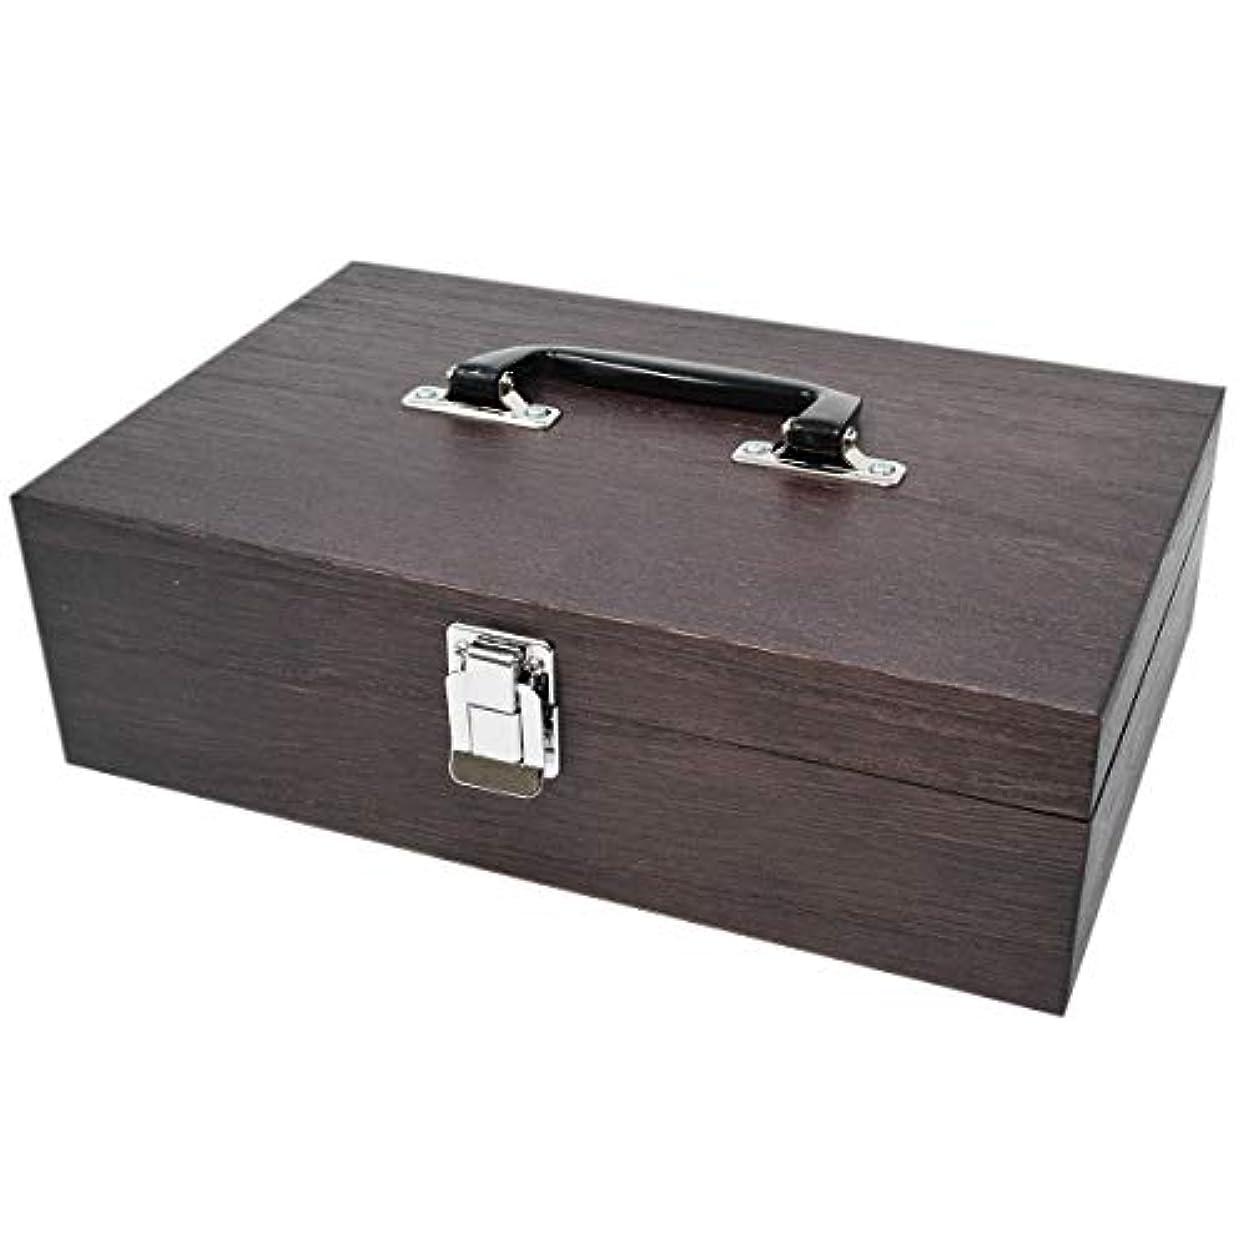 上流の母性経済ケンソー オイルボックス 40本収納 (特大)ナトー材製 ※取っ手付 (健草医学舎 オイルボックス)